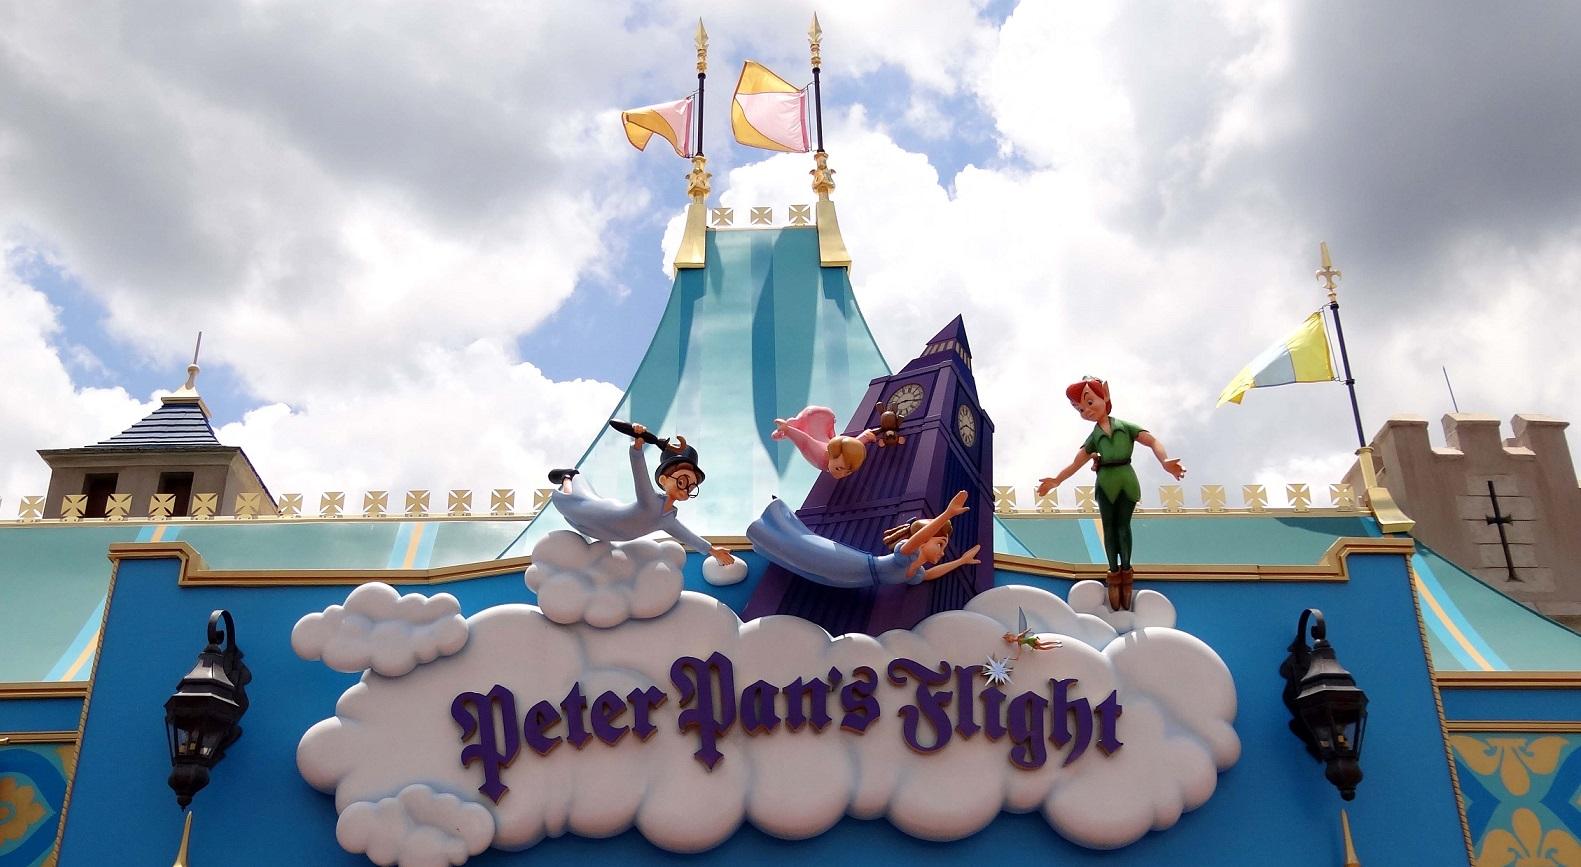 Peter Pan's Flight Sign